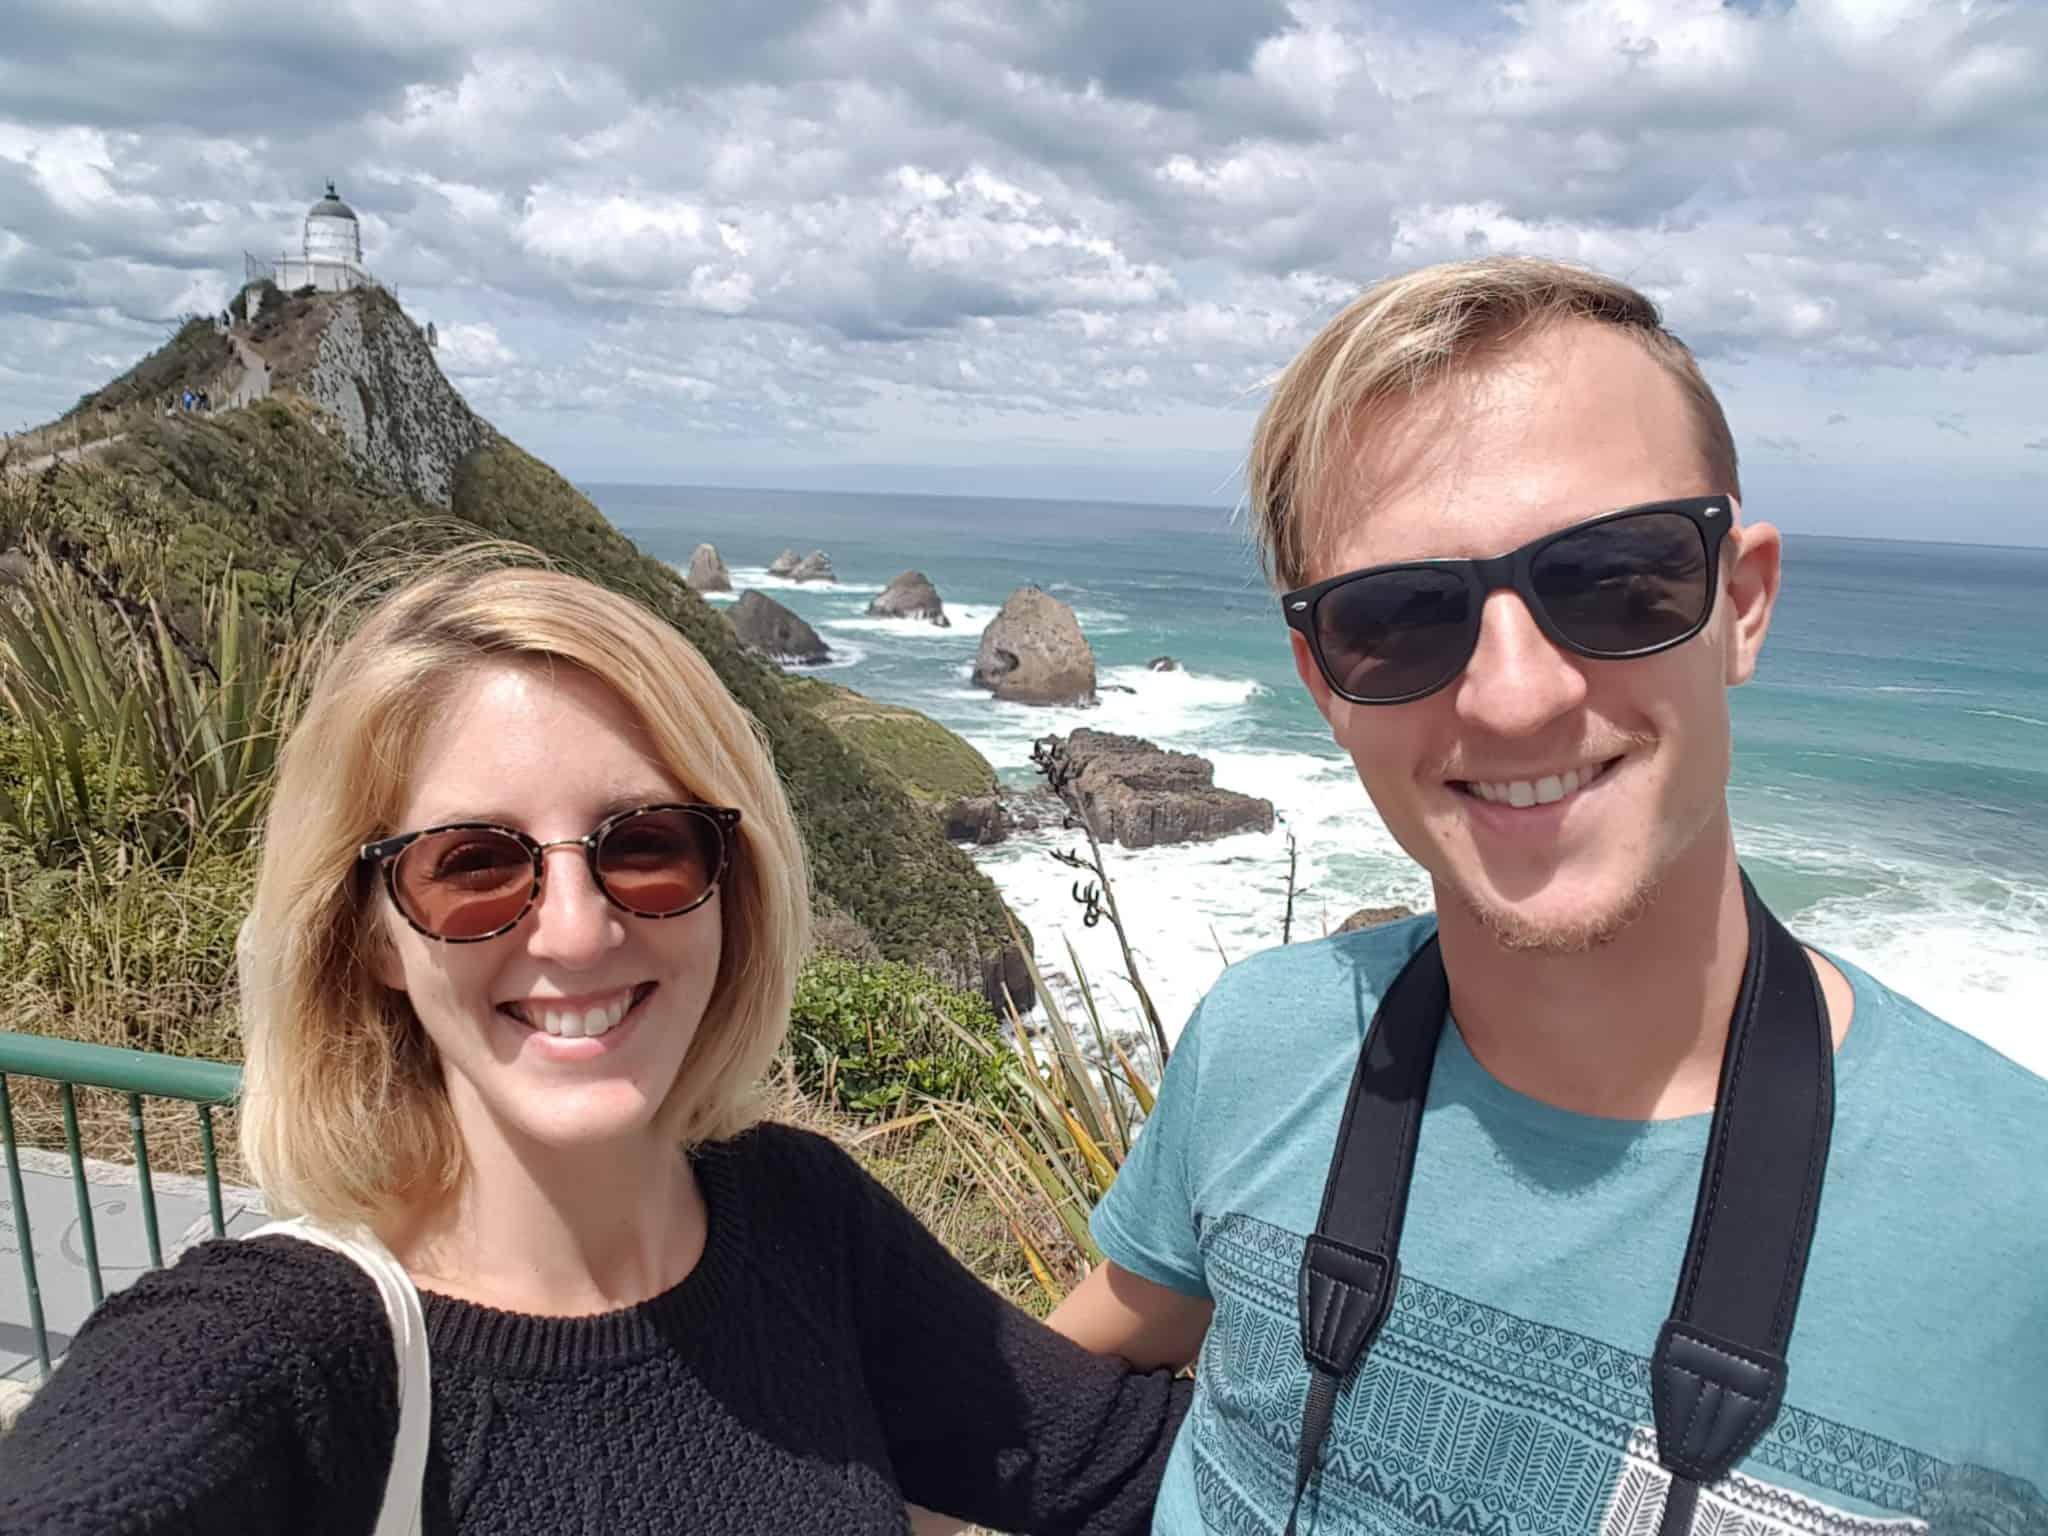 Nouvelle-Zélande, rencontre avec les pingouins aux yeux jaunes 🐧 19